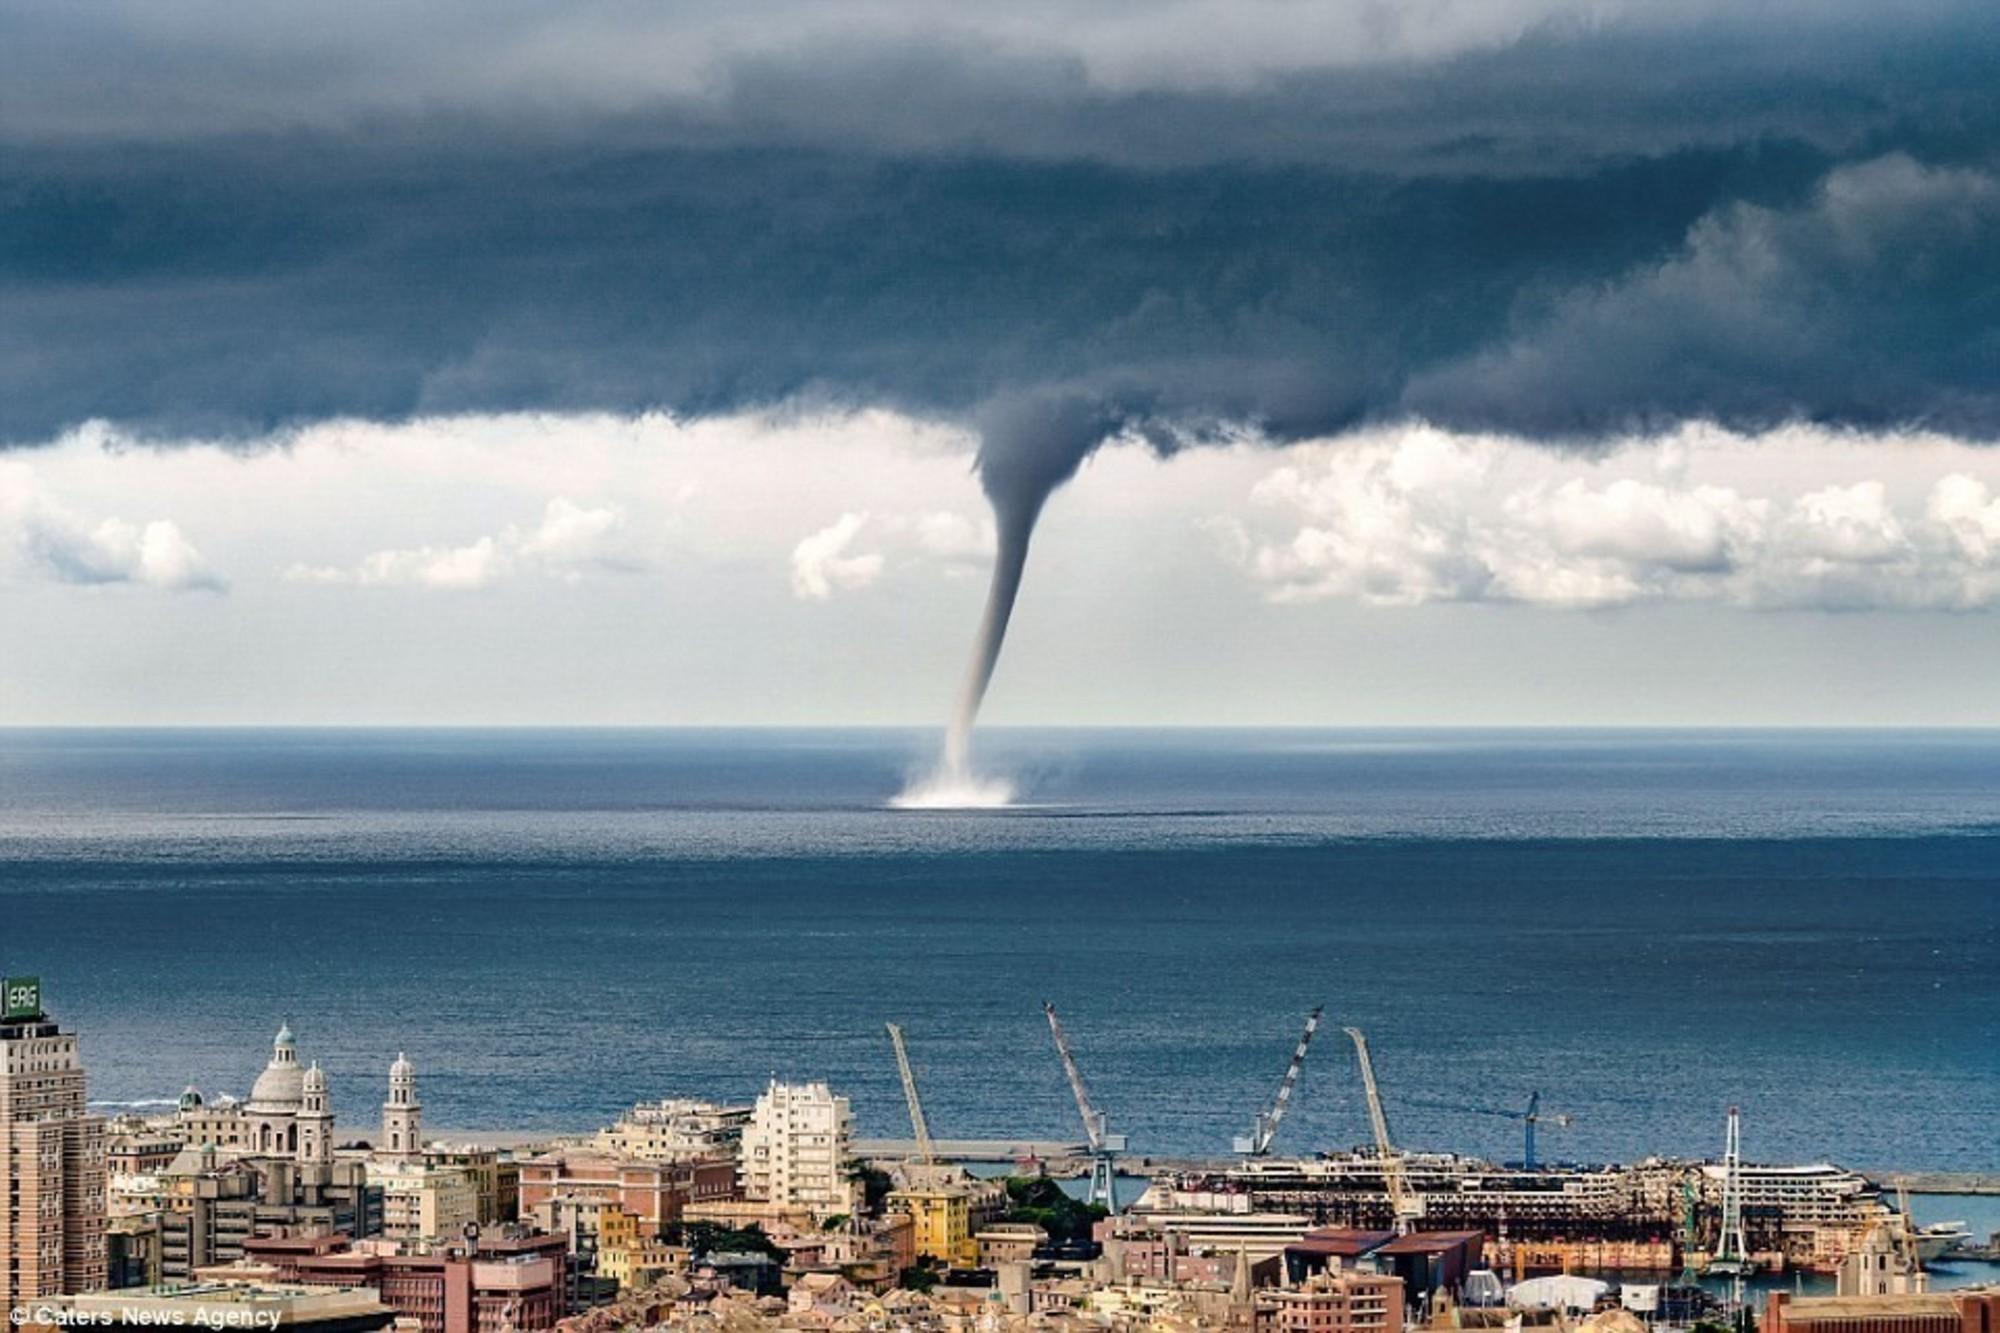 Imagini pentru poze cu tornade pe mare